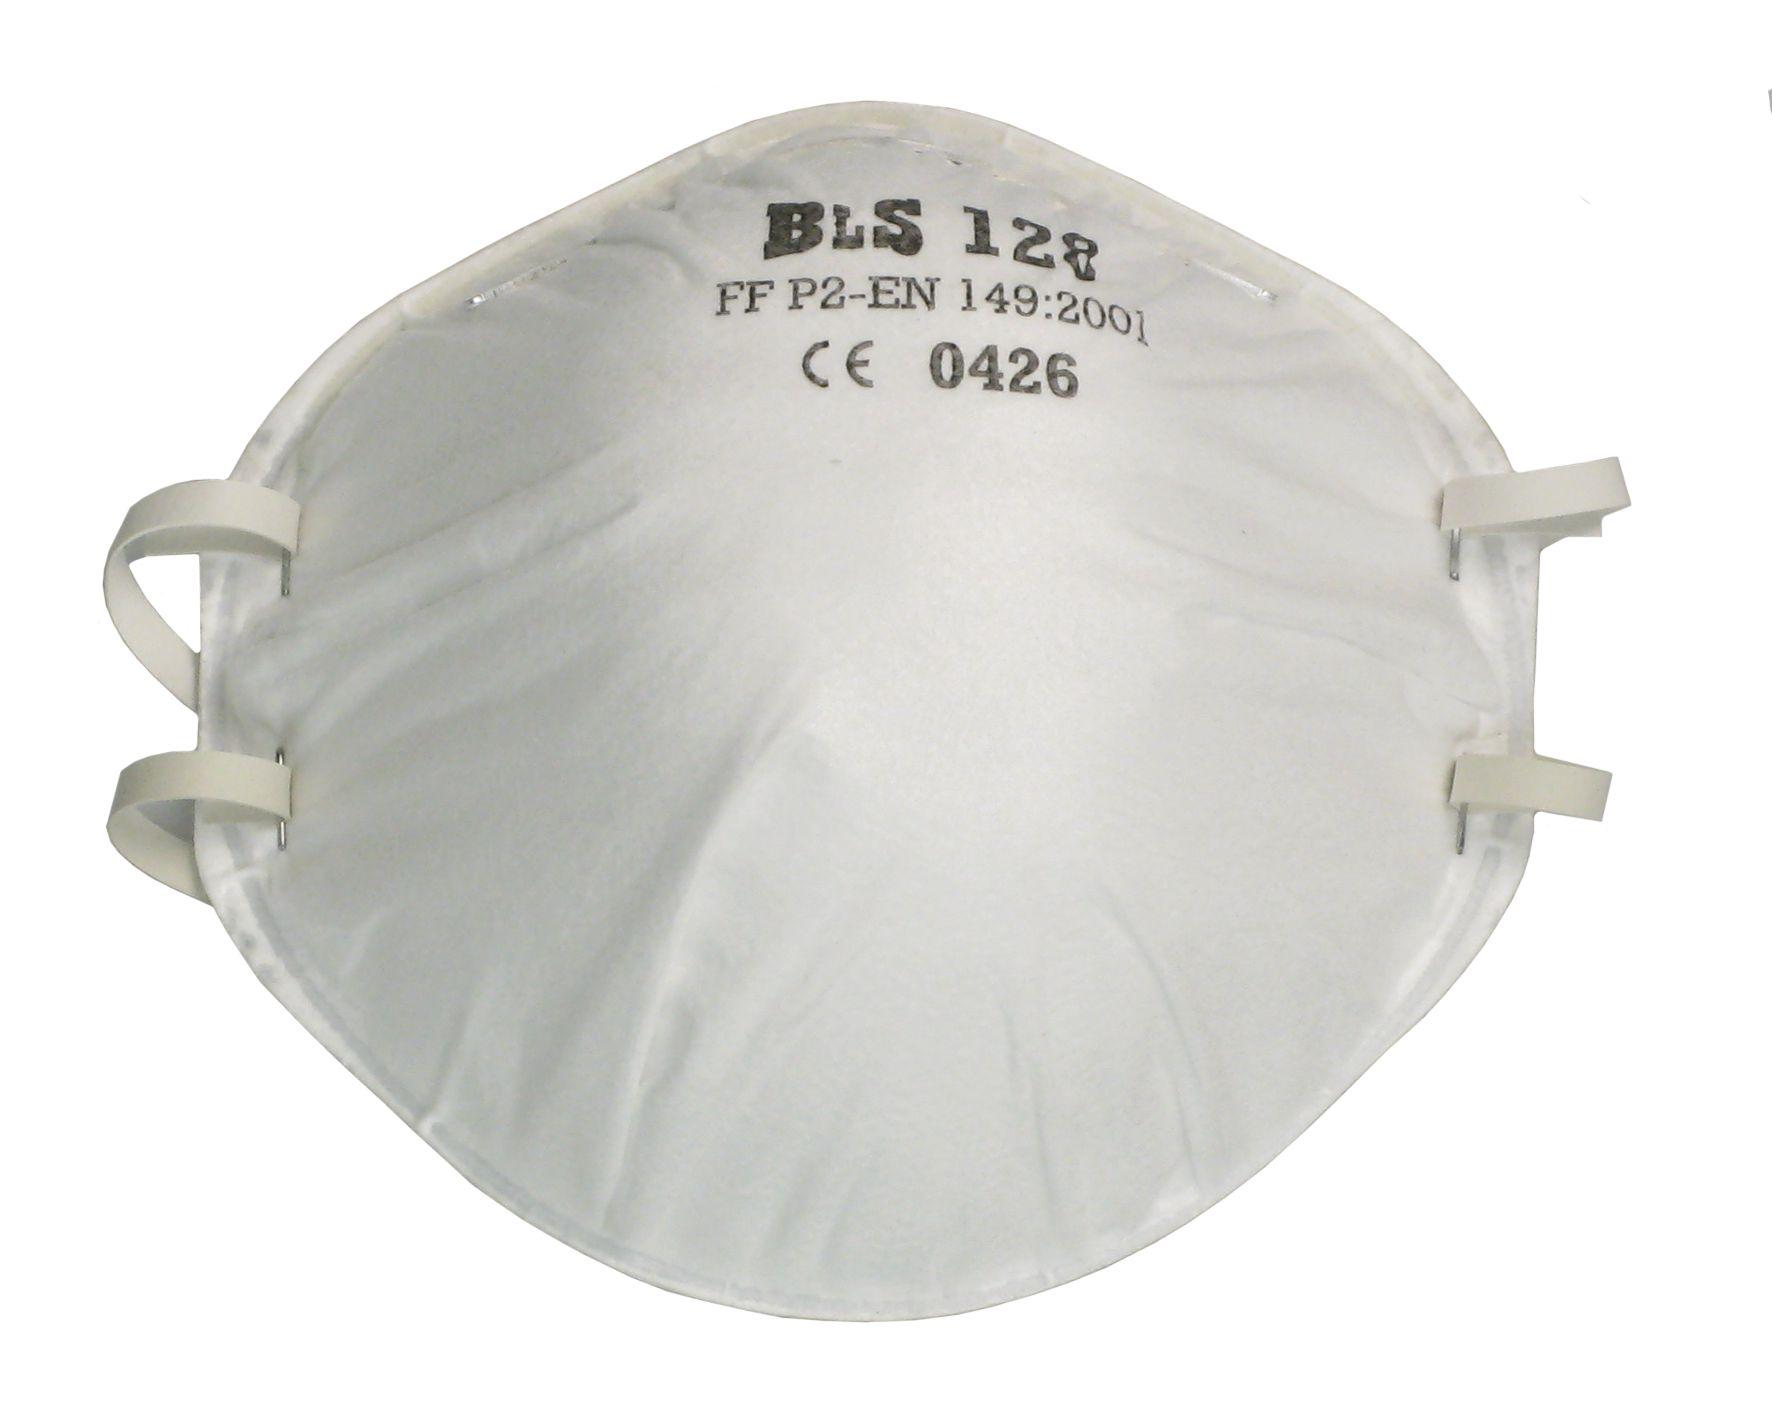 masque anti poussi re protection de la t te. Black Bedroom Furniture Sets. Home Design Ideas